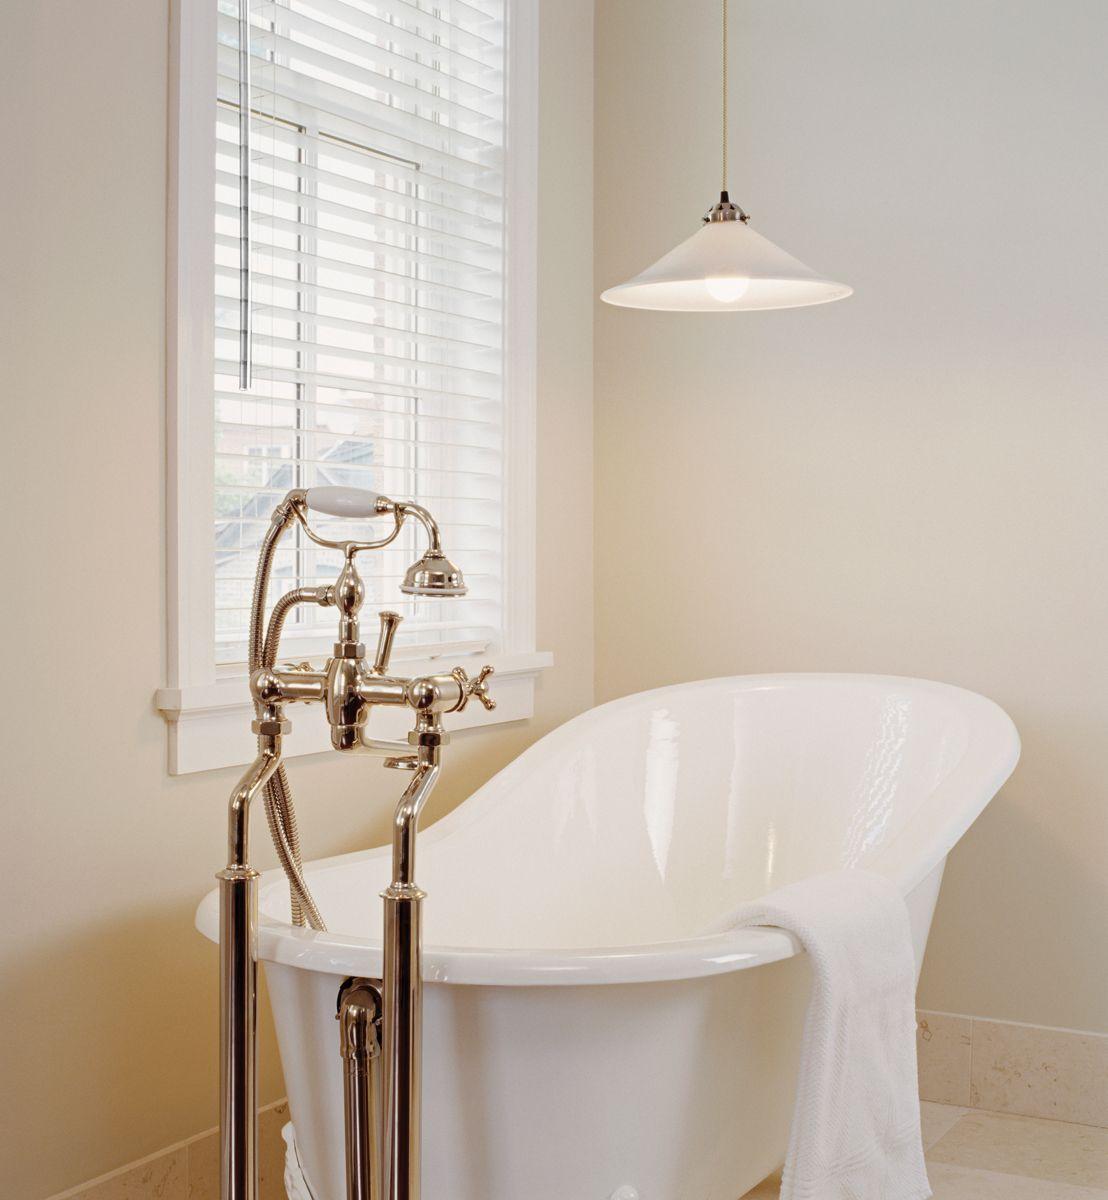 Sheer Blinds Roller Shades living room blinds tips.Bathroom Blinds ...